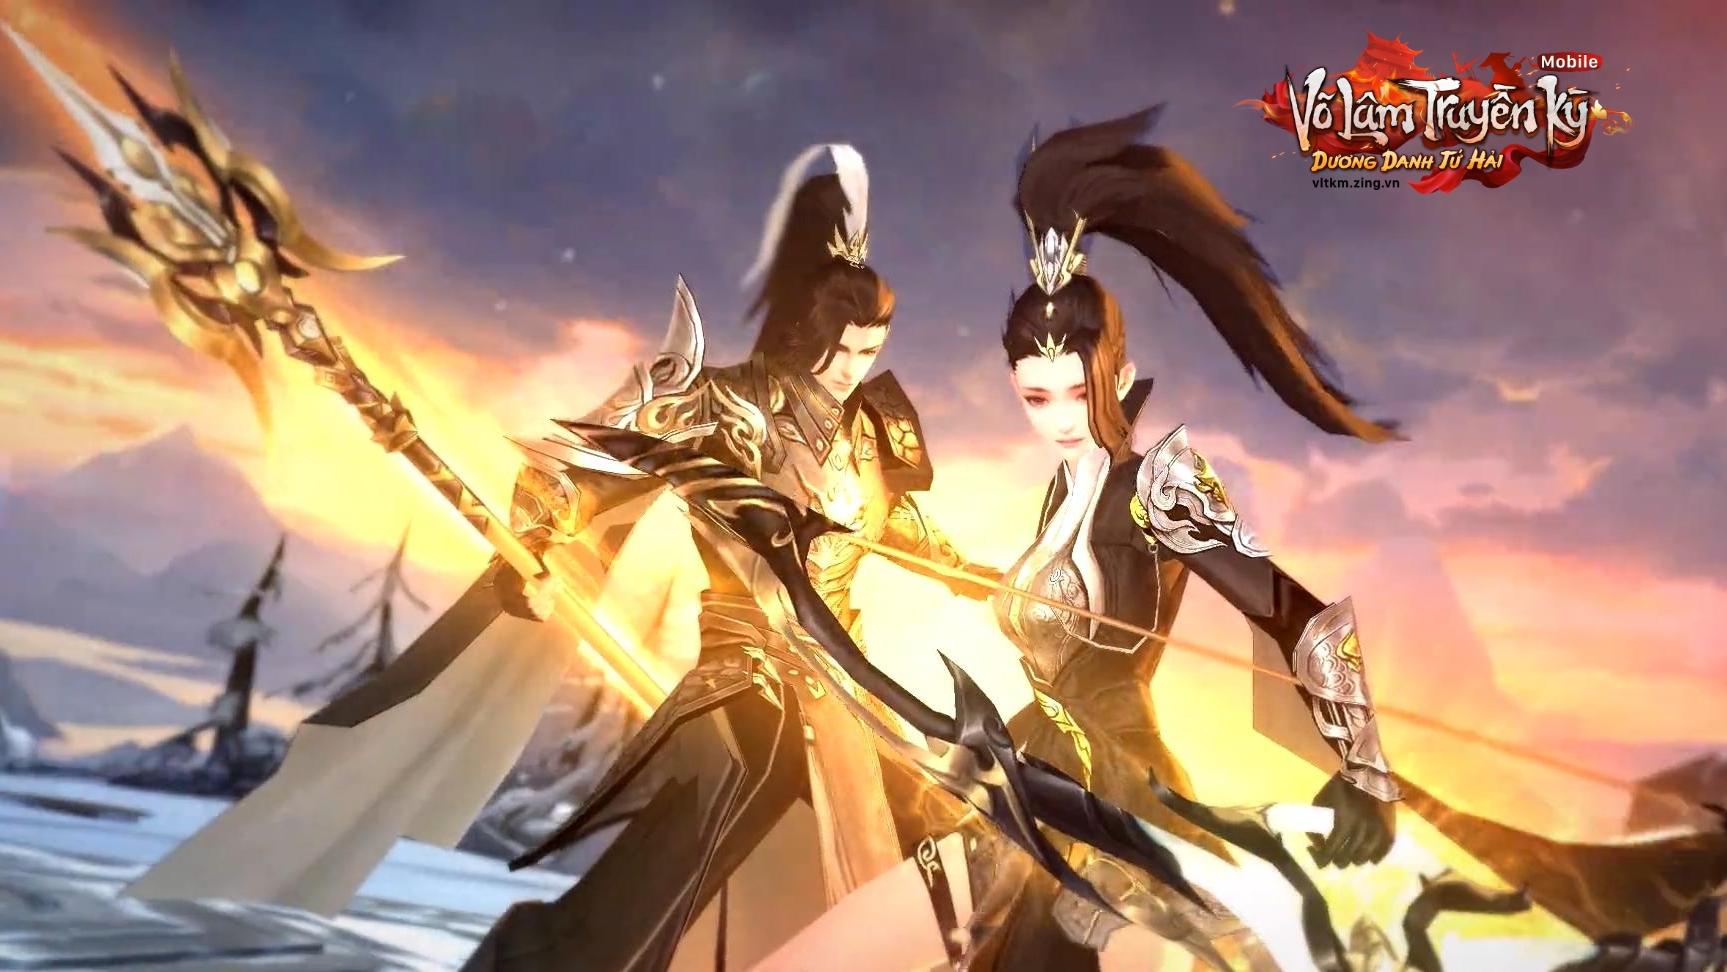 Dương Môn nổi danh với bộ đôi kỹ năng Dương Gia Cung Kỵ và Dương Gia Thương Kỵ điêu luyện